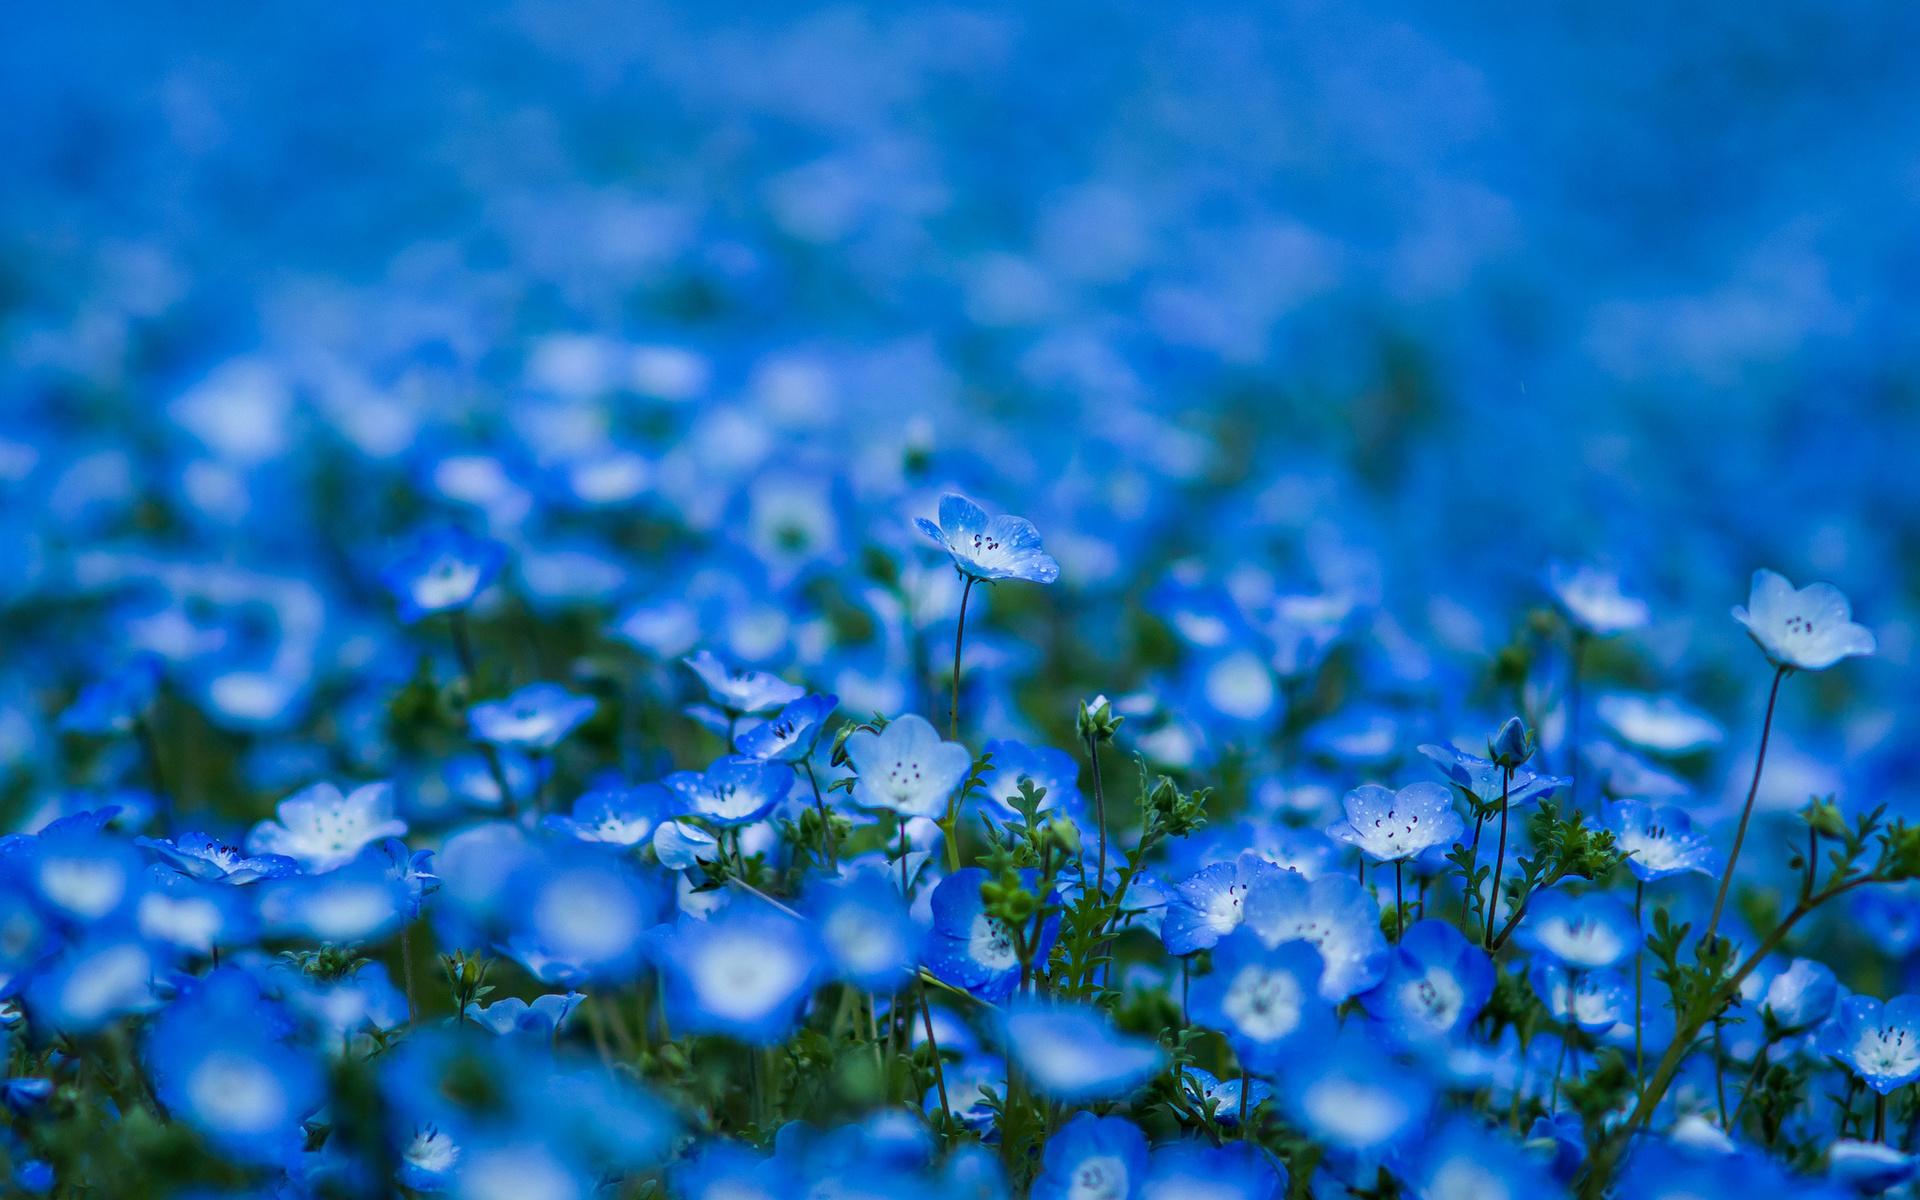 Картинка синие голубые цветы